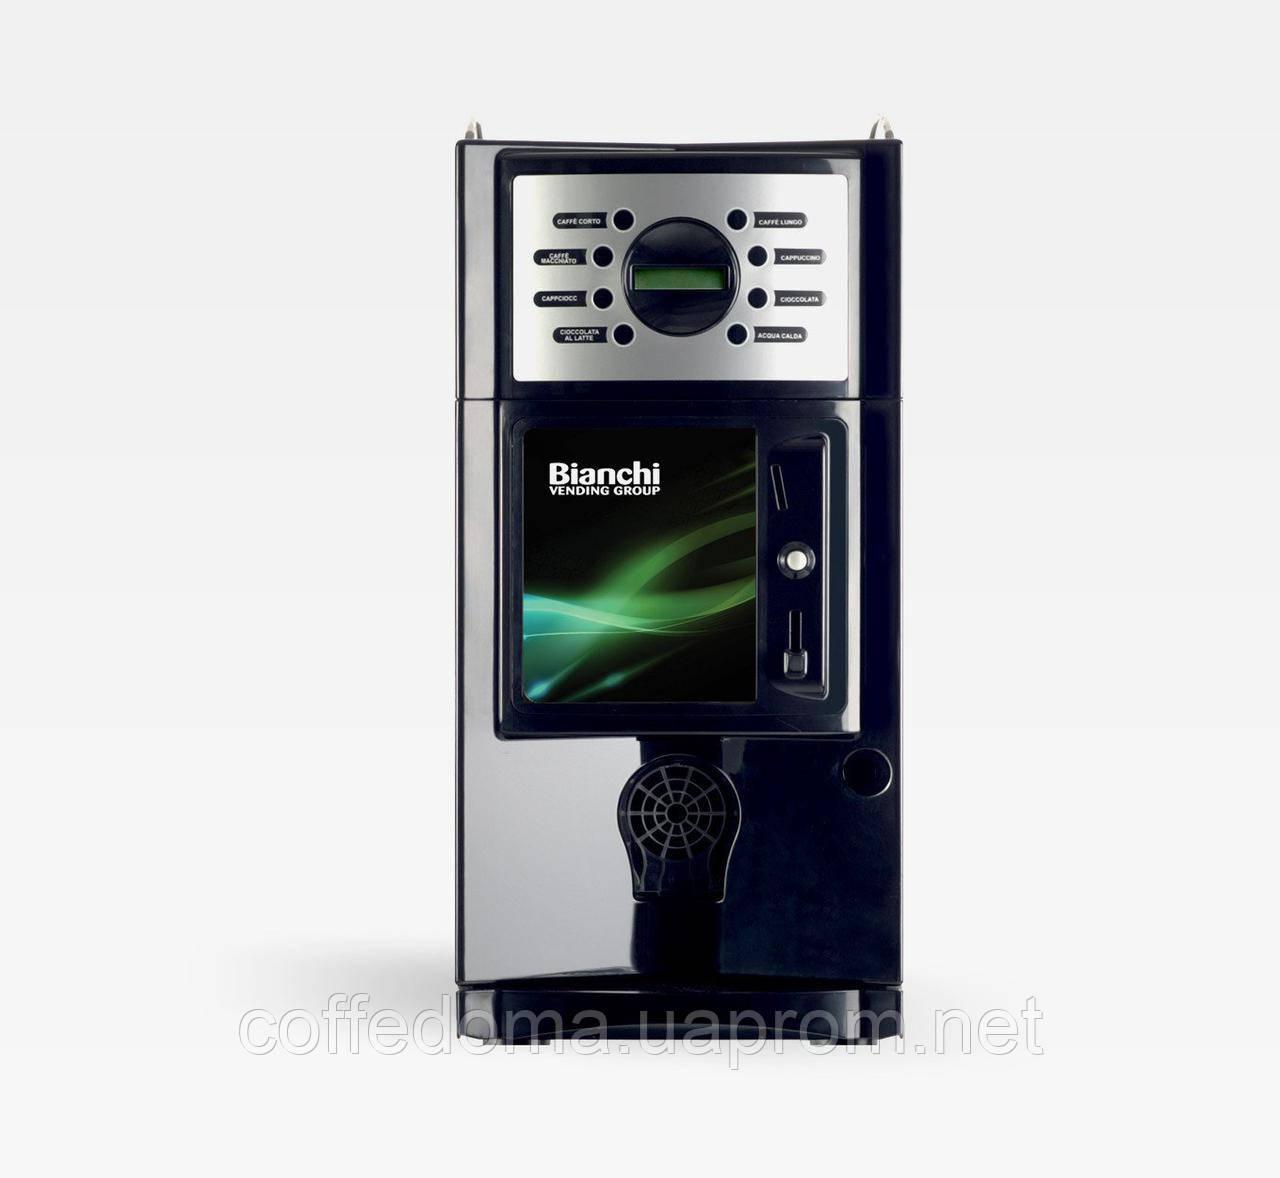 Bianchi Gaia настольный кофеавтомат на 8 напитков